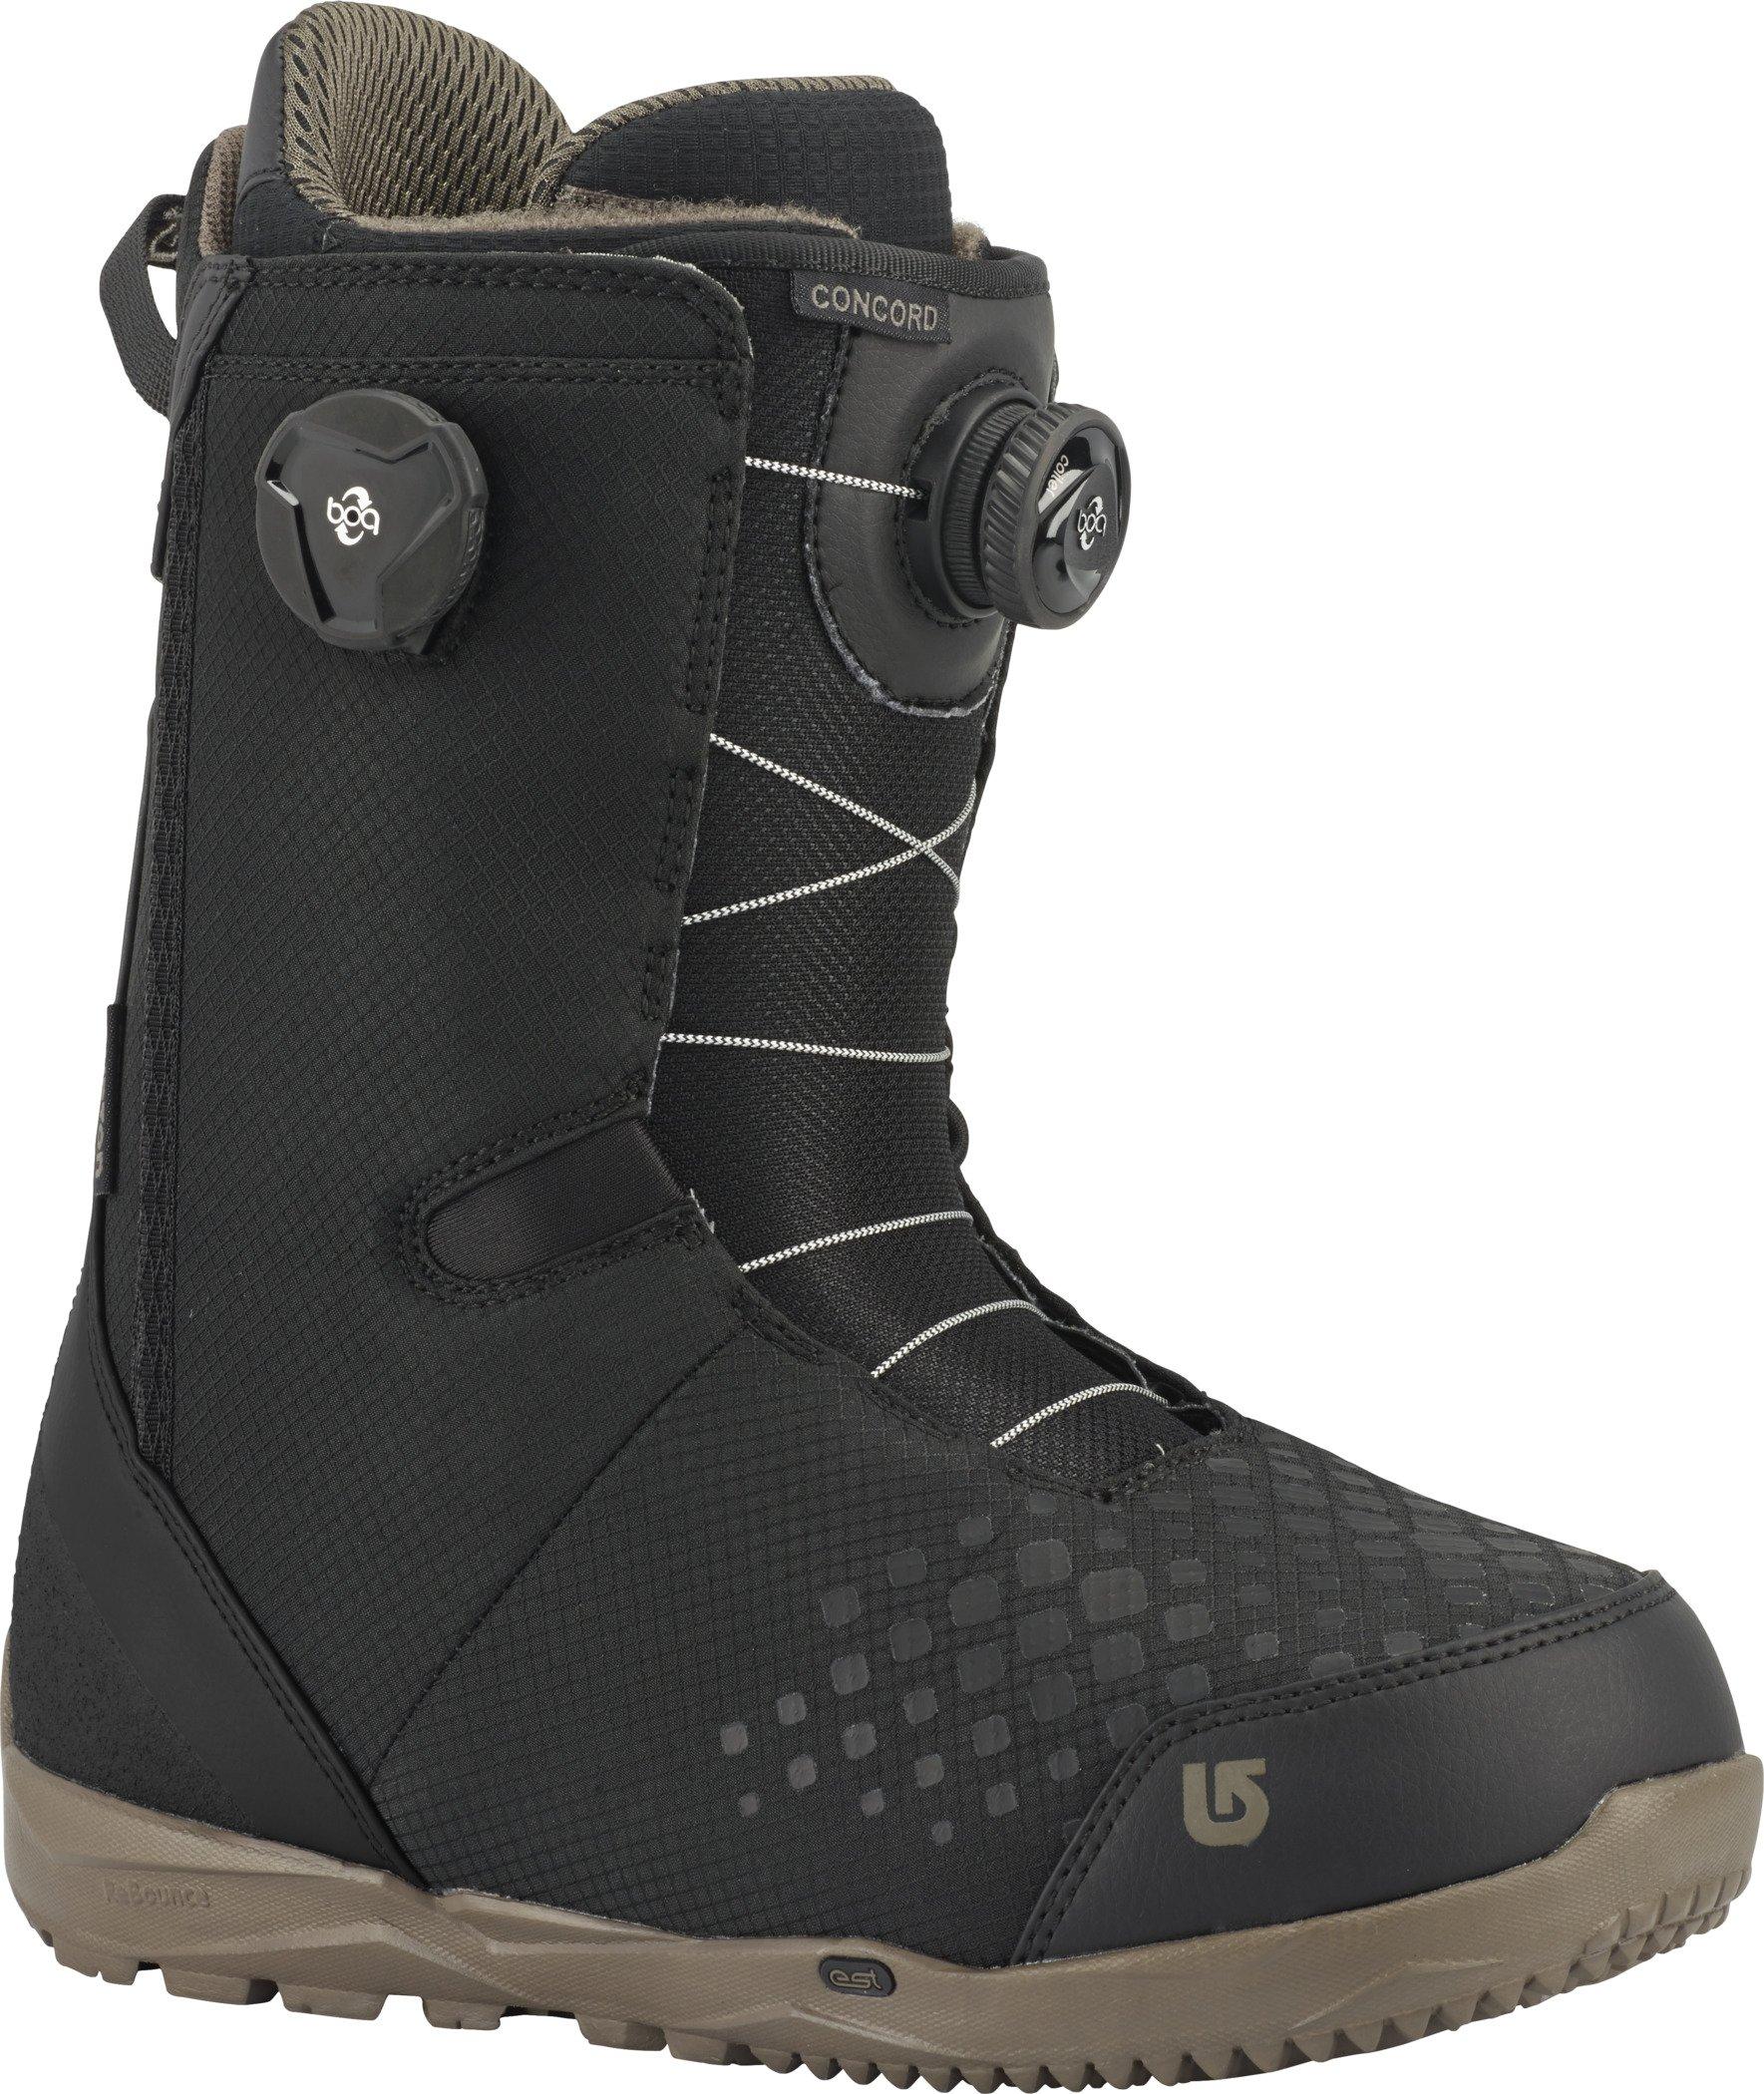 Burton Concord Boa Snowboard Boots 2018 - 10.0/Black by Burton